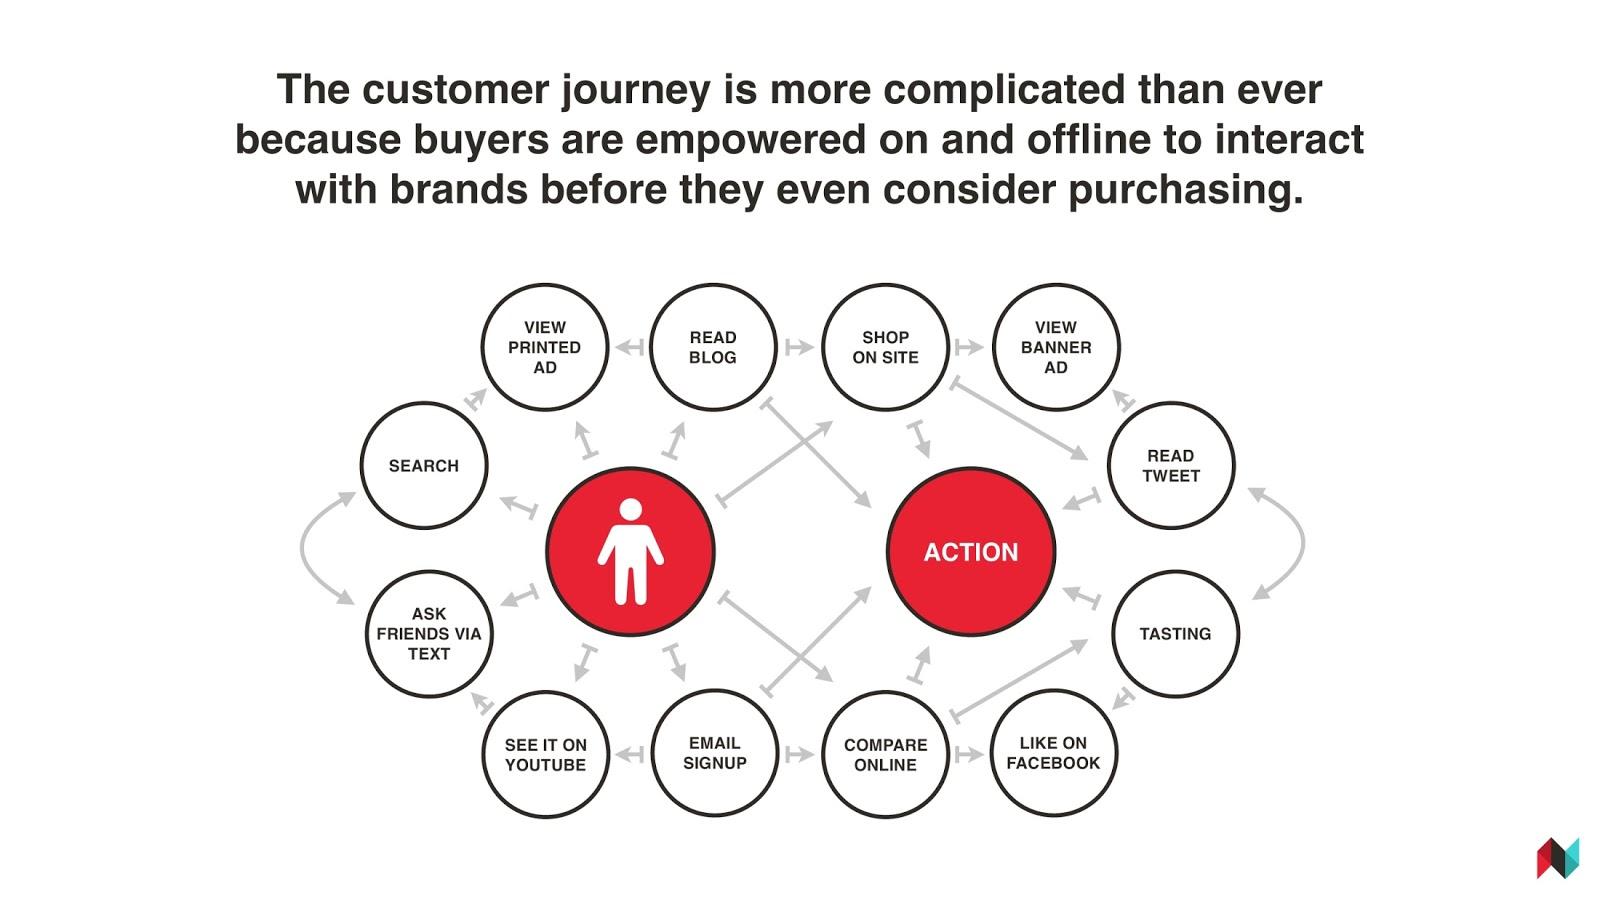 Skomplikowany proces podejmowania decyzji przez klienta